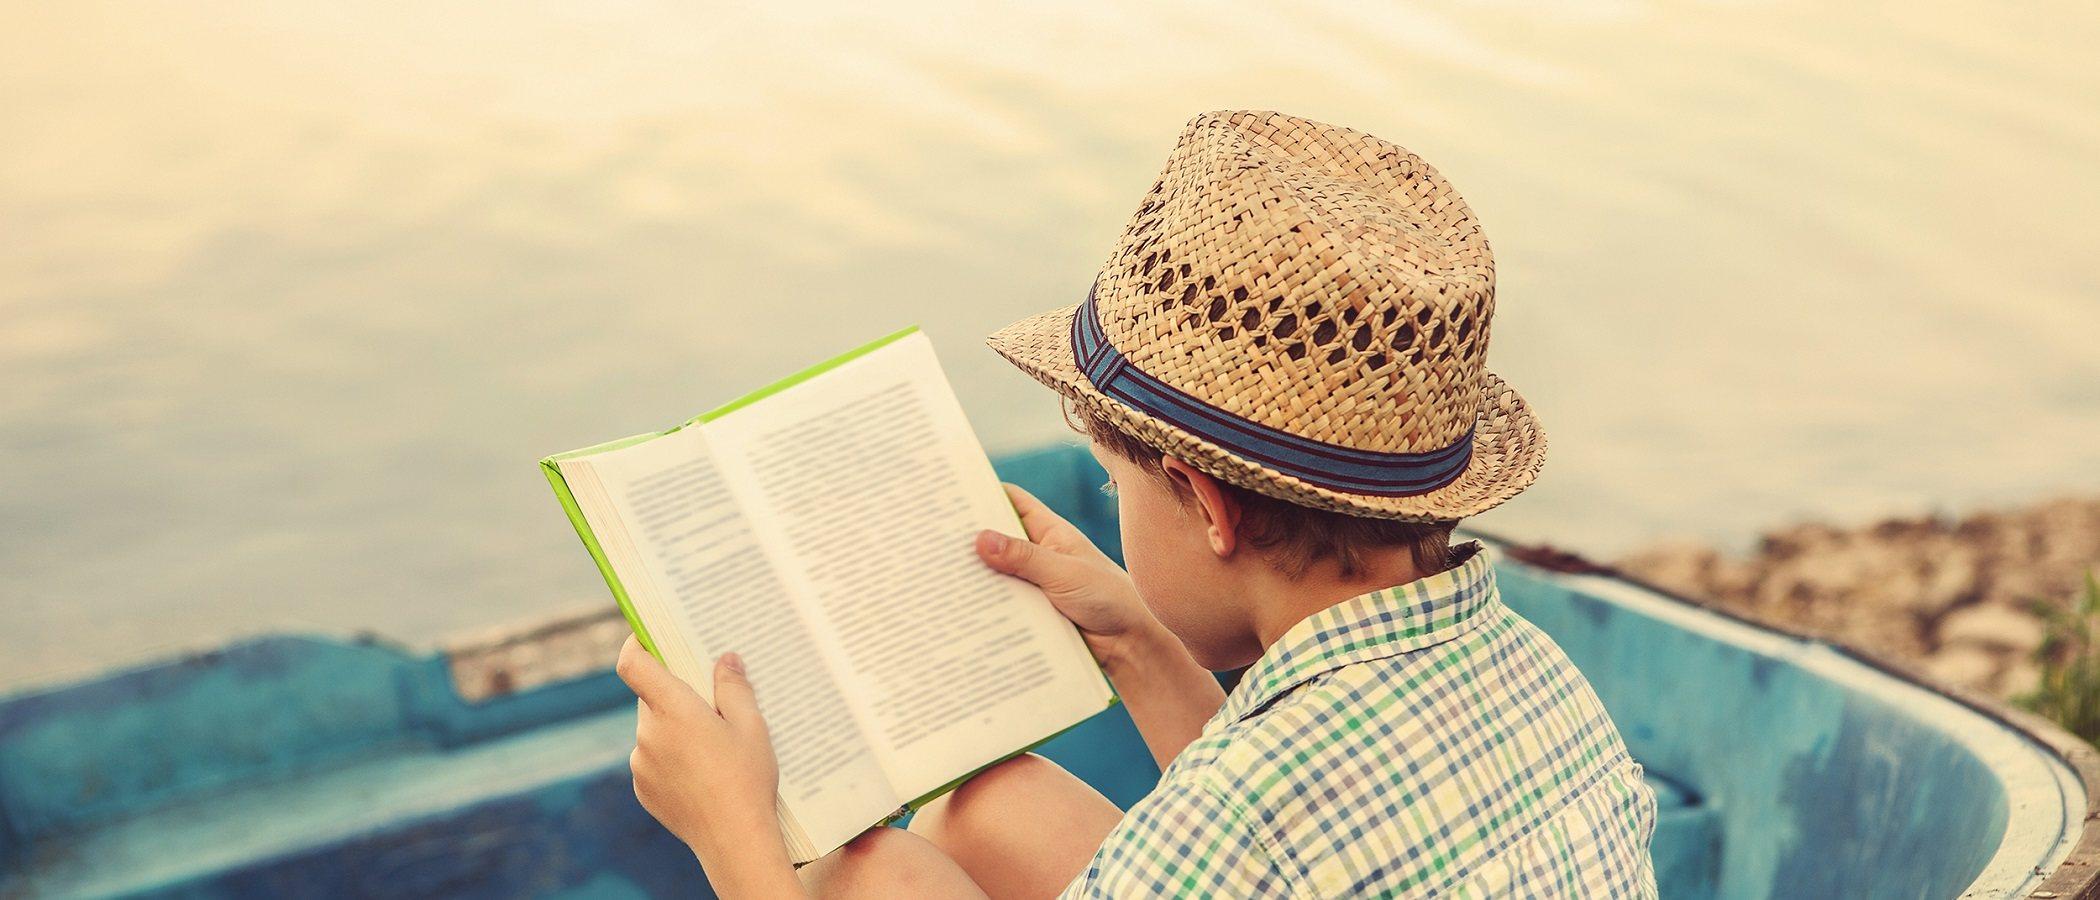 La importancia de la comprensión lectora en la infancia